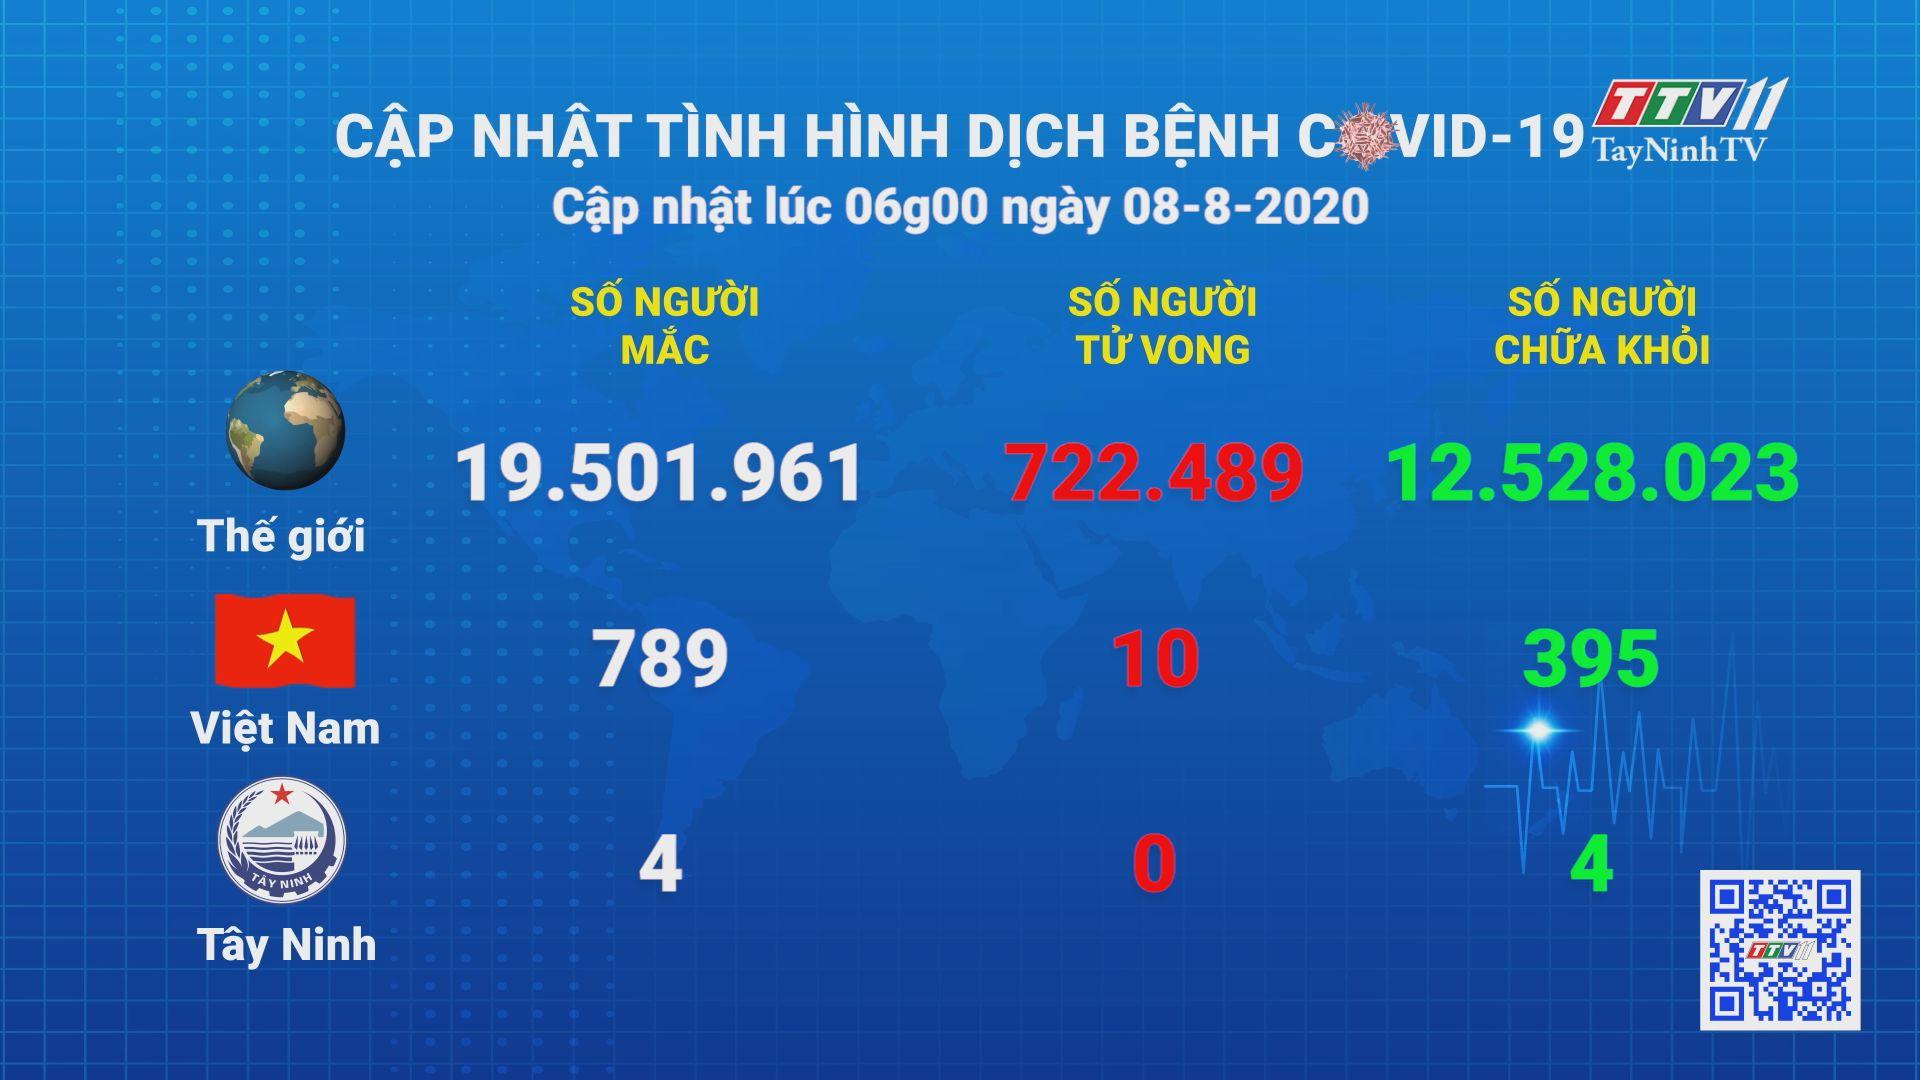 Cập nhật tình hình Covid-19 vào lúc 06 giờ 08-8-2020 | Thông tin dịch Covid-19 | TayNinhTV